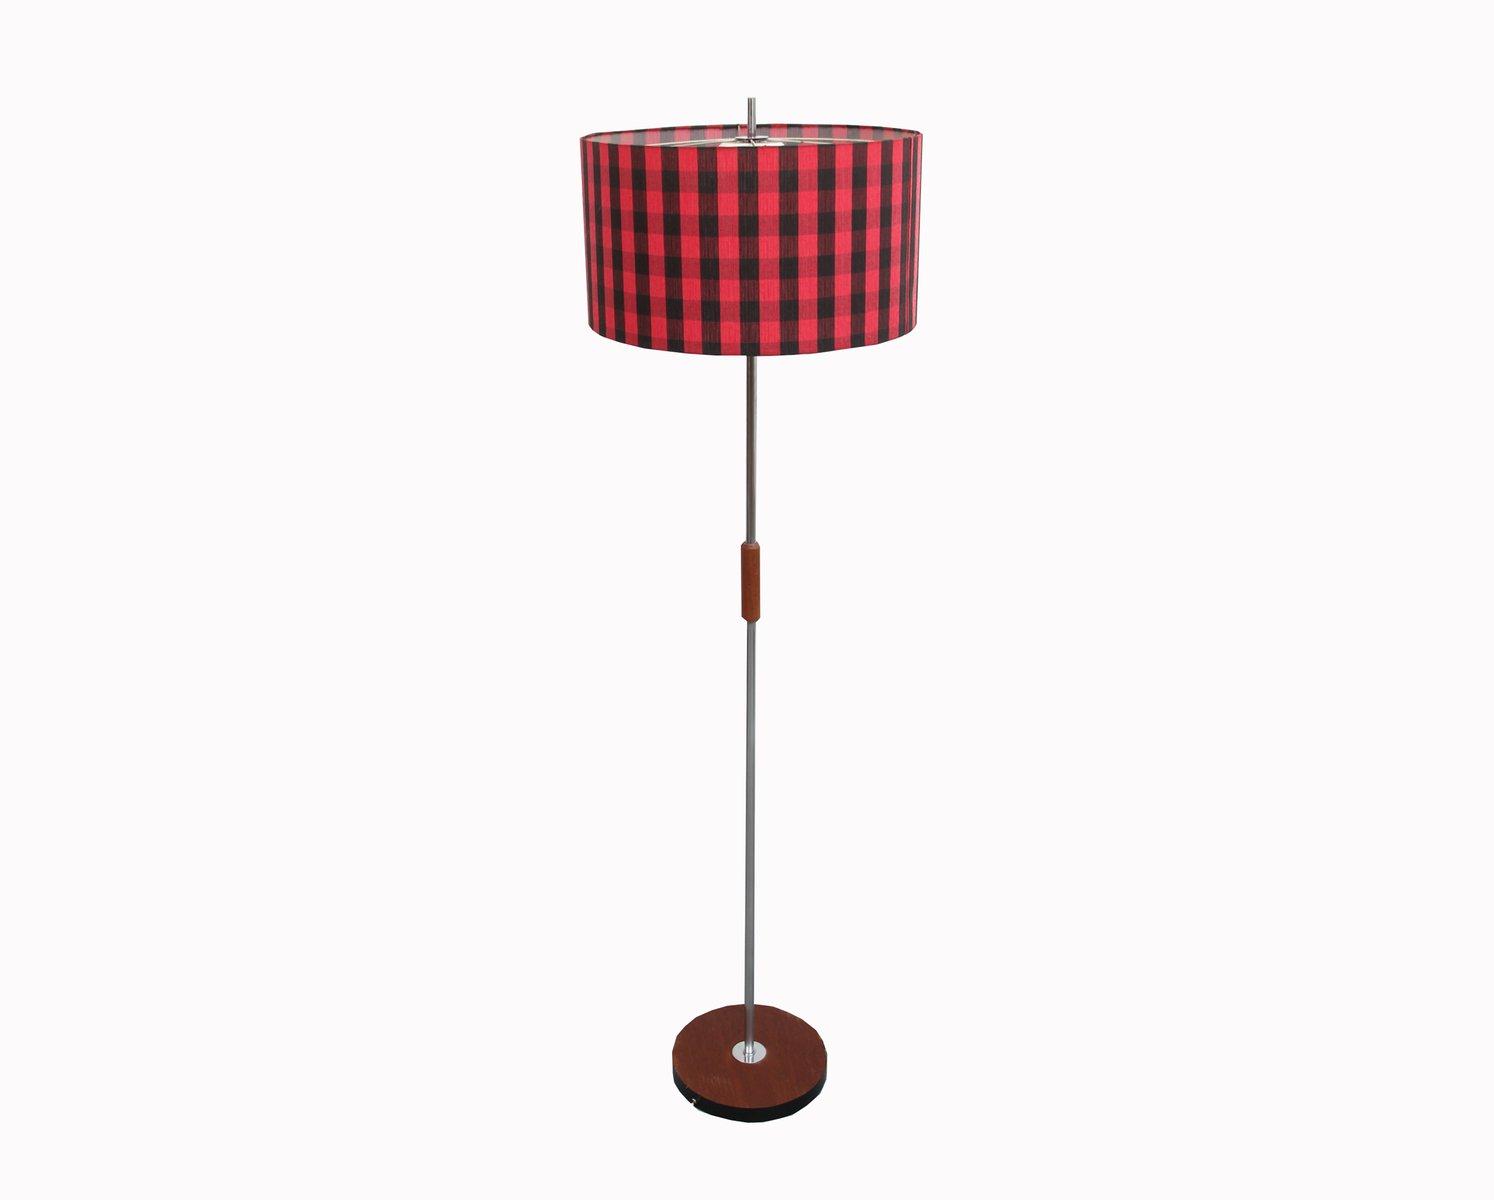 Schwarz und Rot Gemusterte Stehlampe, 1960er